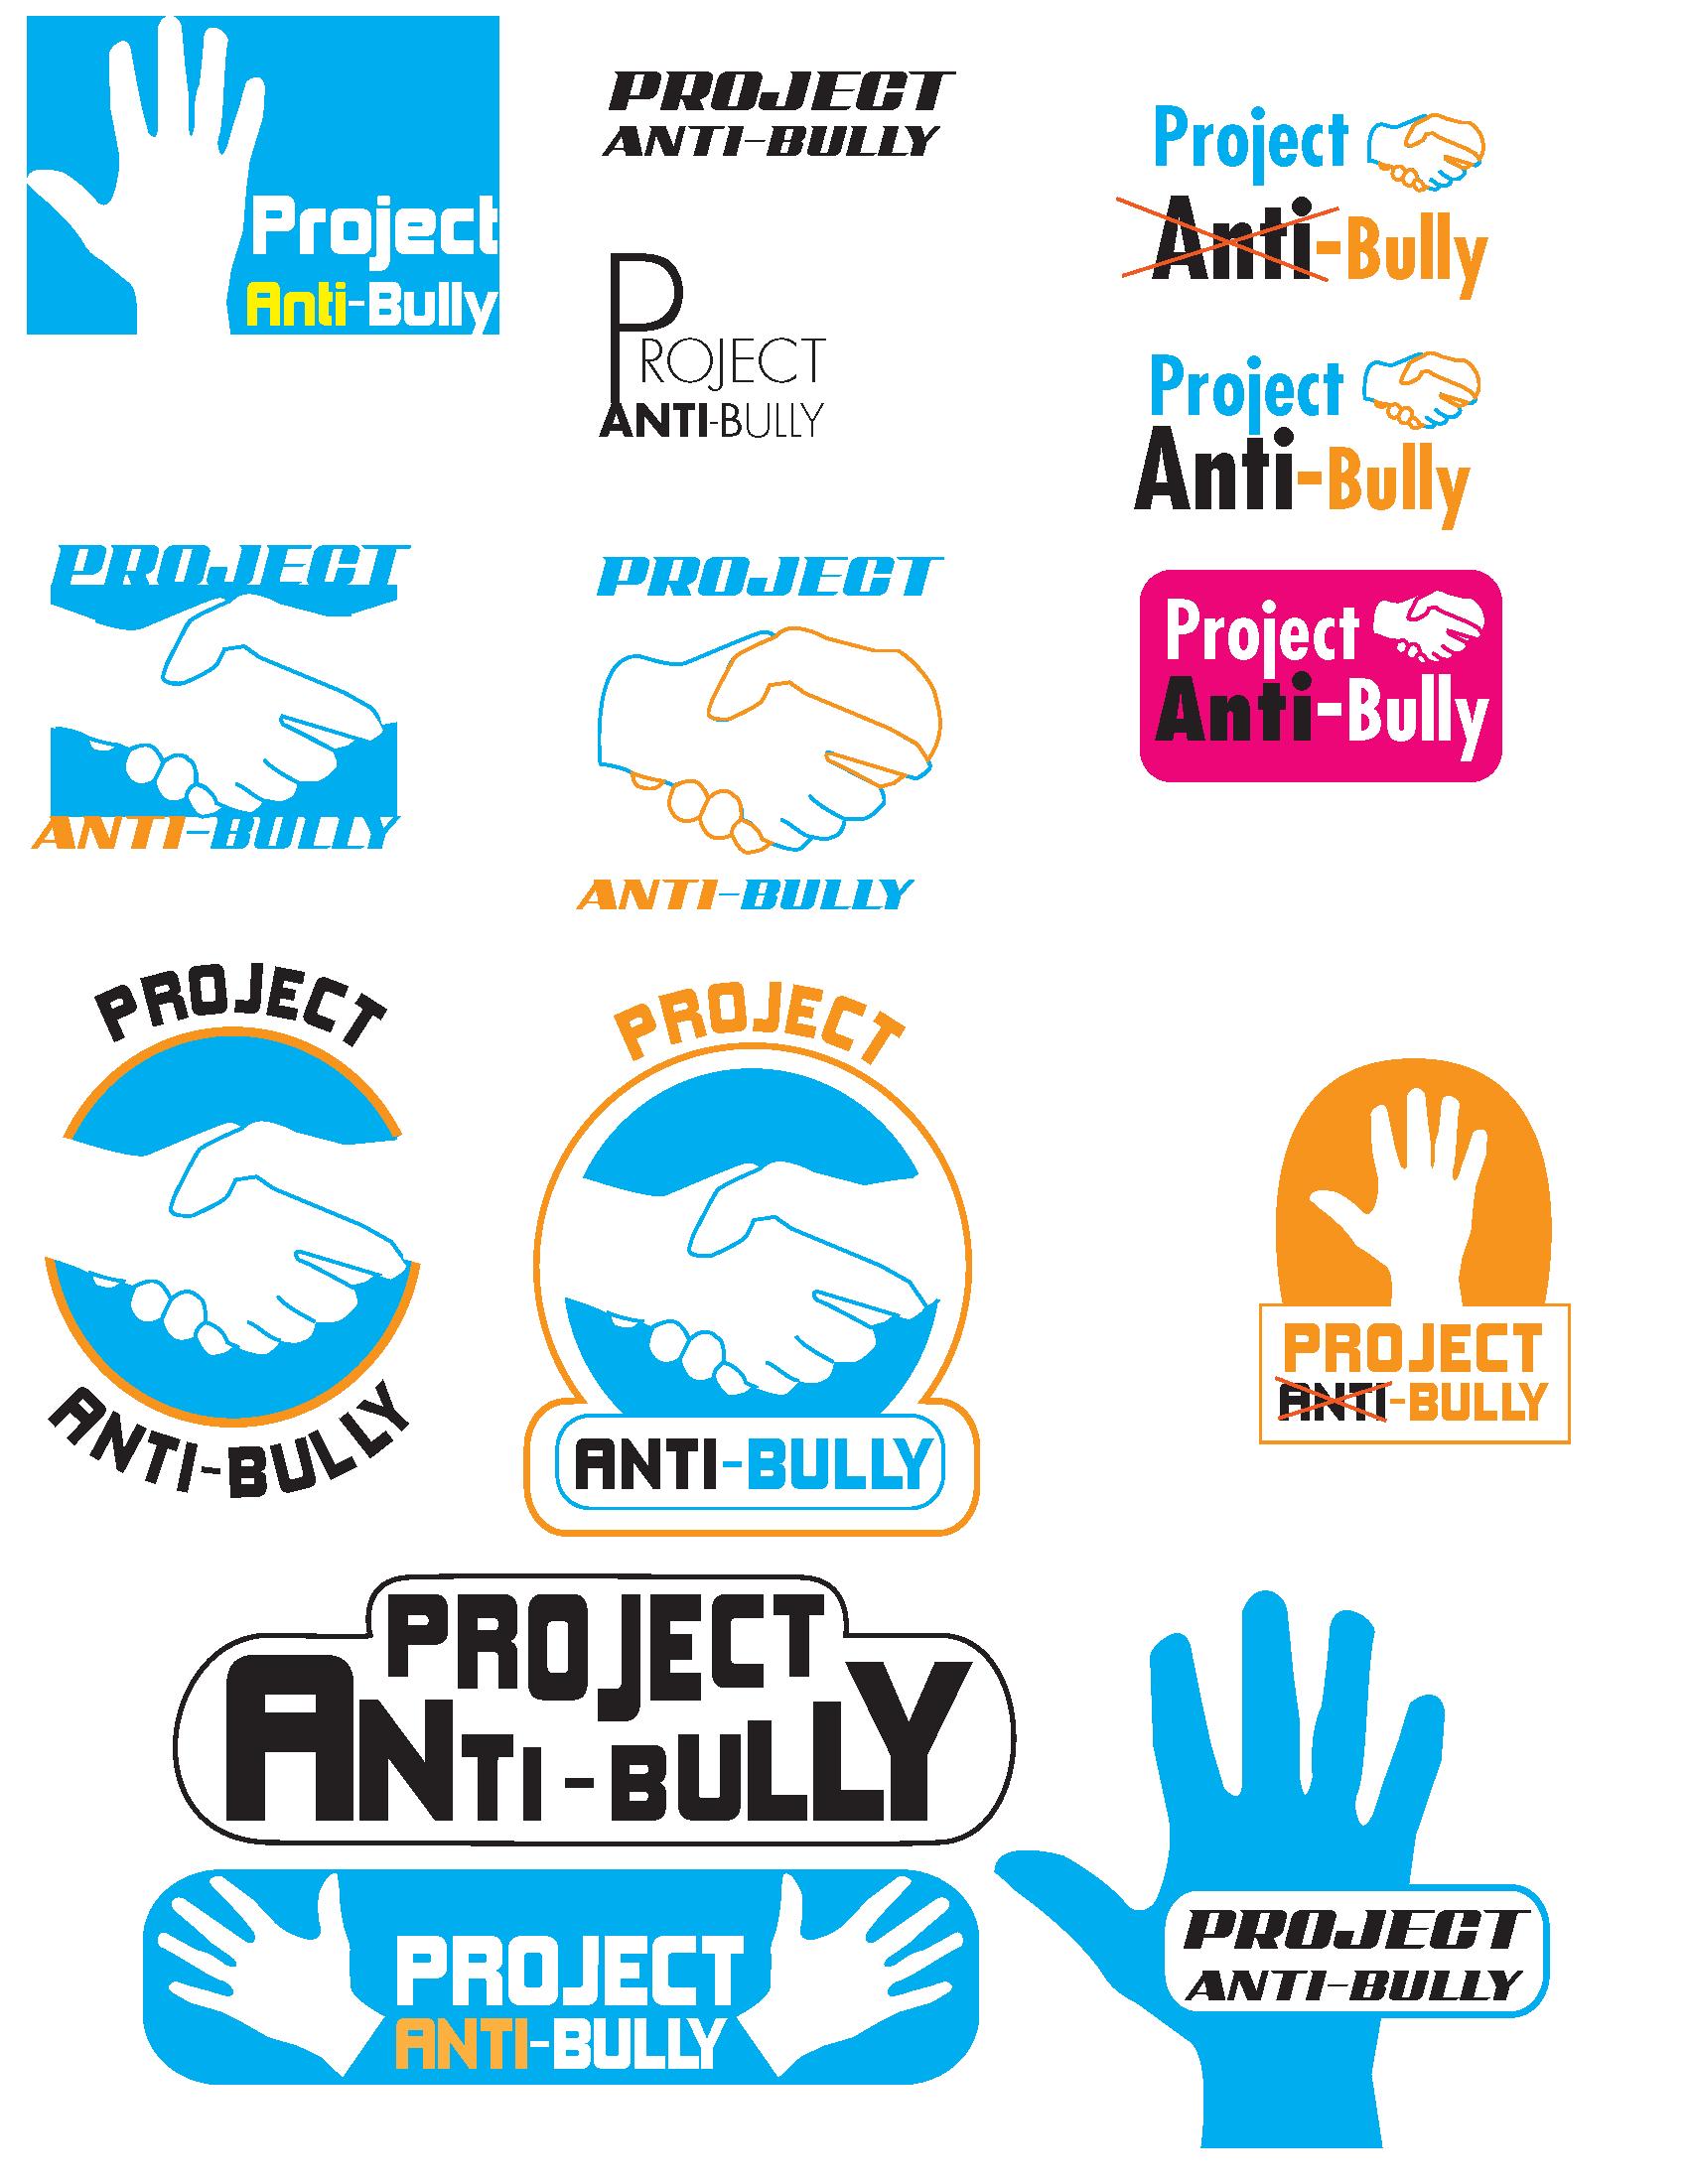 New Project Anti Bully Pab Logo Ideas